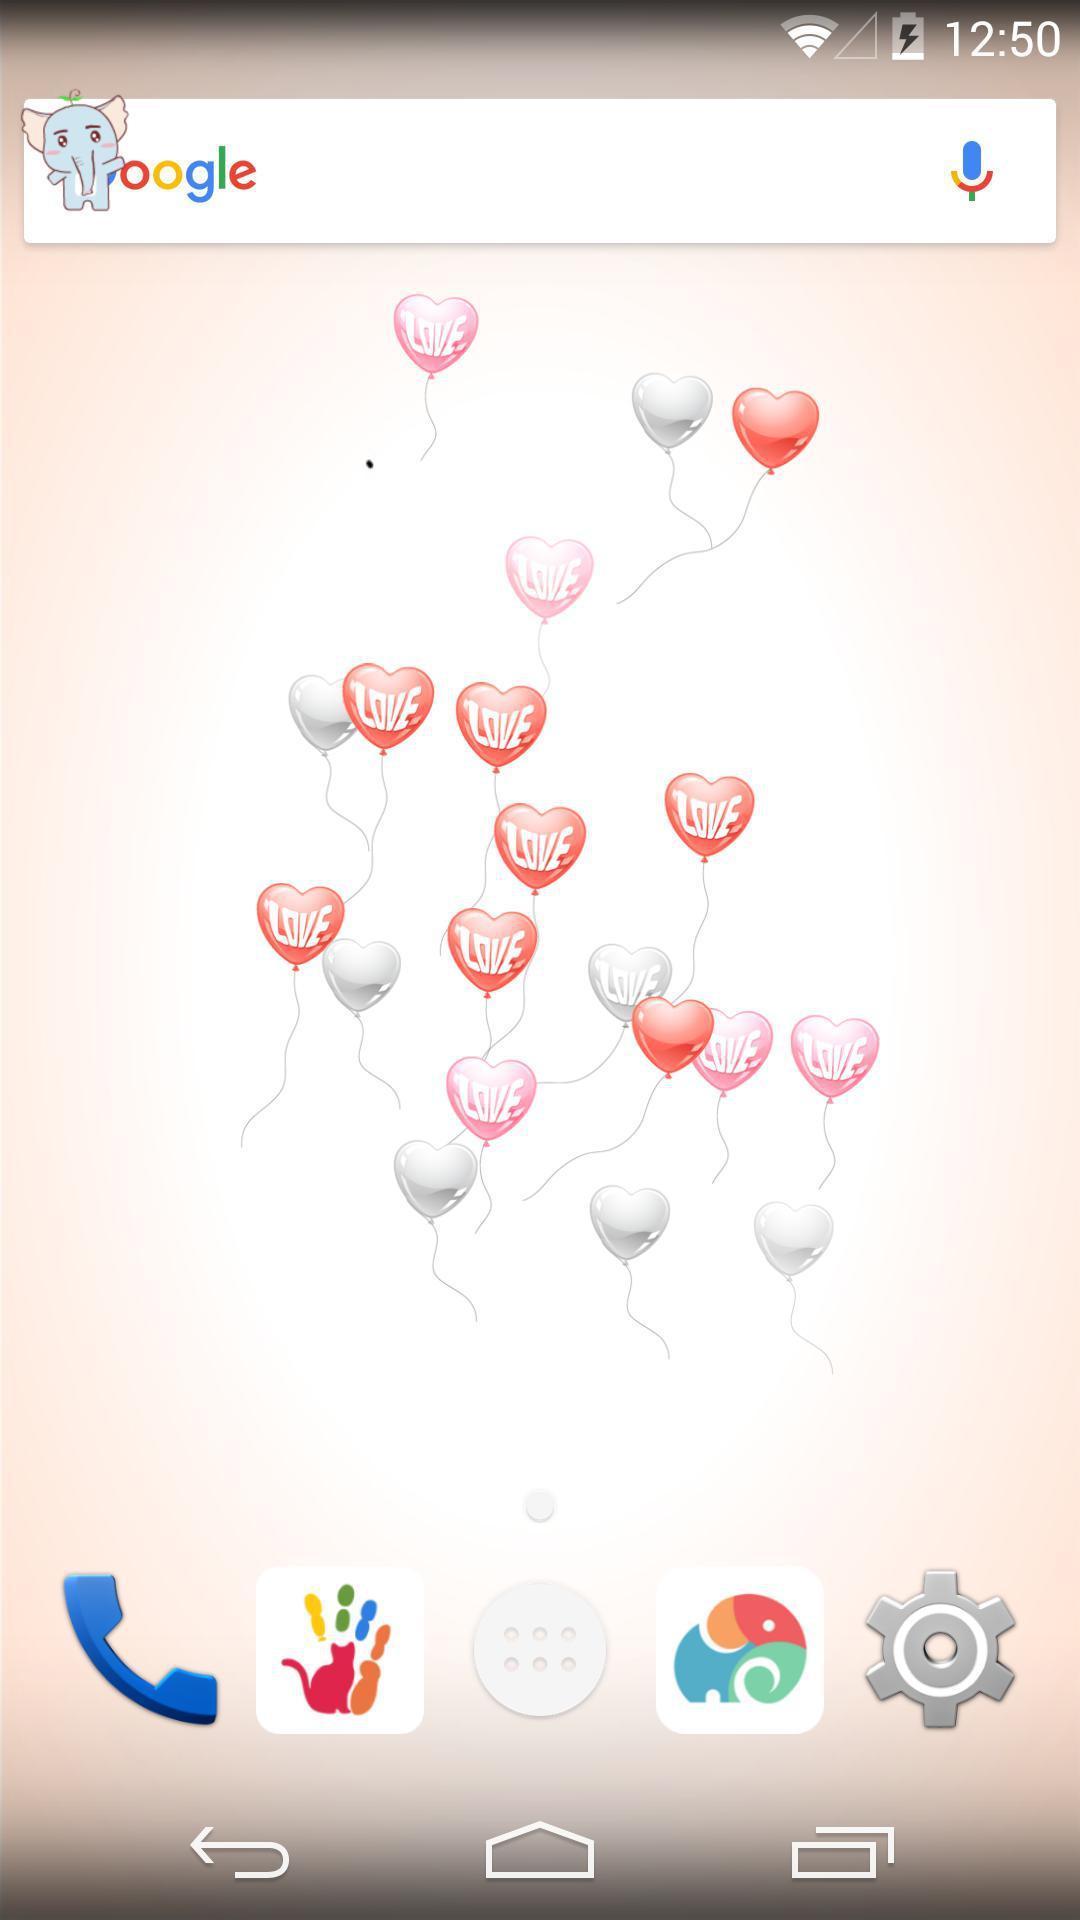 爱心气球-梦象动态壁纸